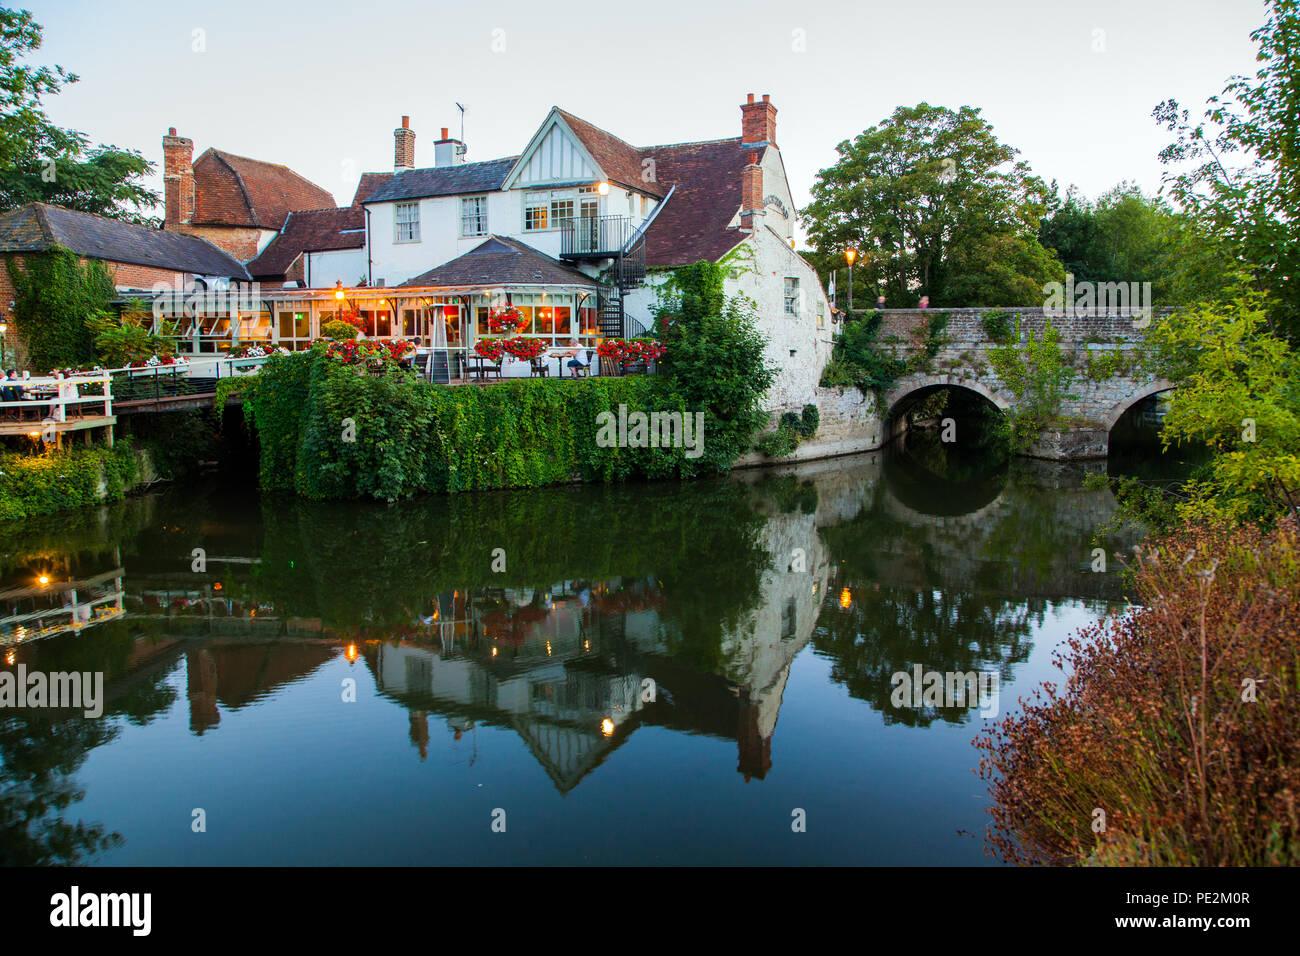 The Nags Head Pub sur le pont au-dessus de Nags Head Island dans la Tamise à Abingdon on Thames Oxfordshire courts dans la lumière du soir Photo Stock